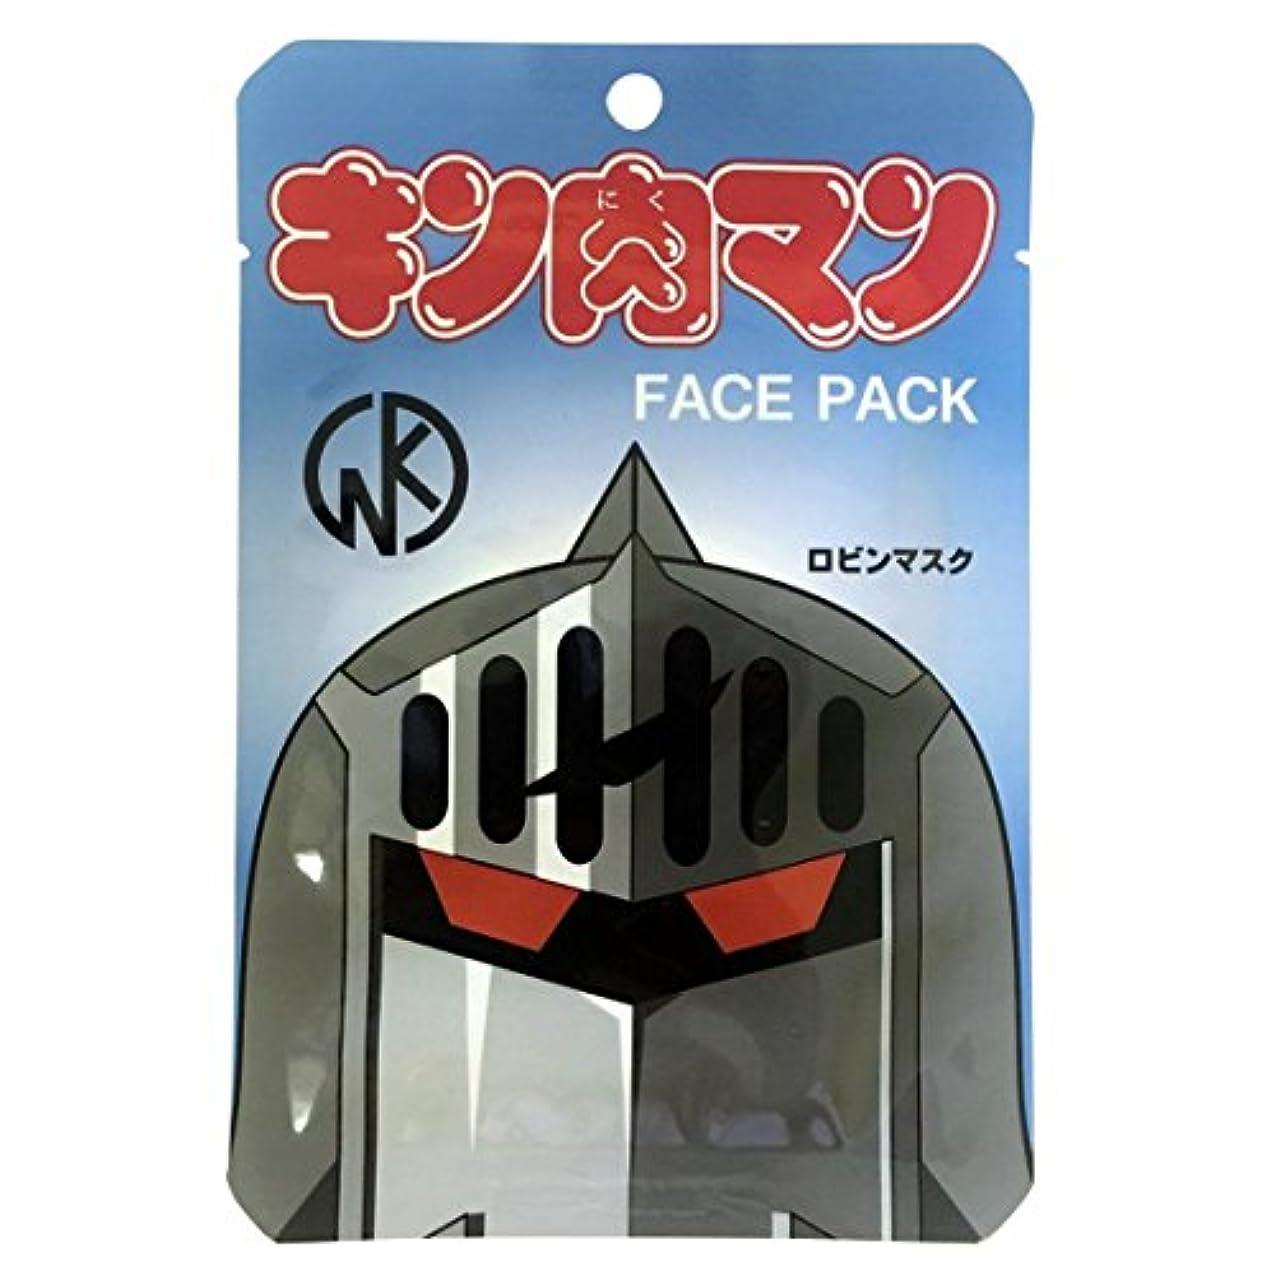 狂乱修理可能起こりやすいキン肉マン 超人フェイスパック ロビンマスク シトラスの香り 1枚入